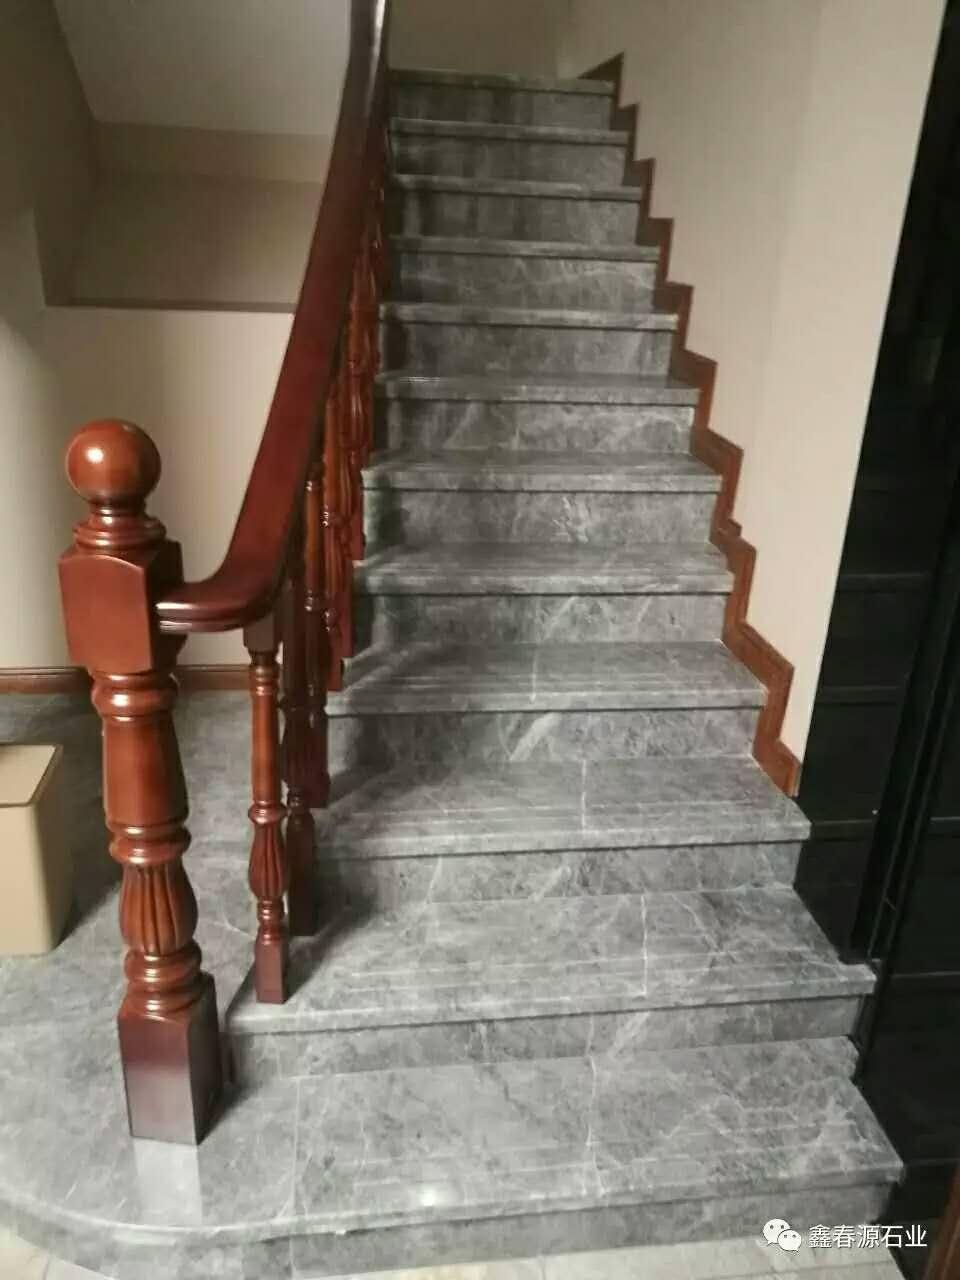 福建地区具有口碑的石材楼梯怎么样、怎么挑选石材楼梯